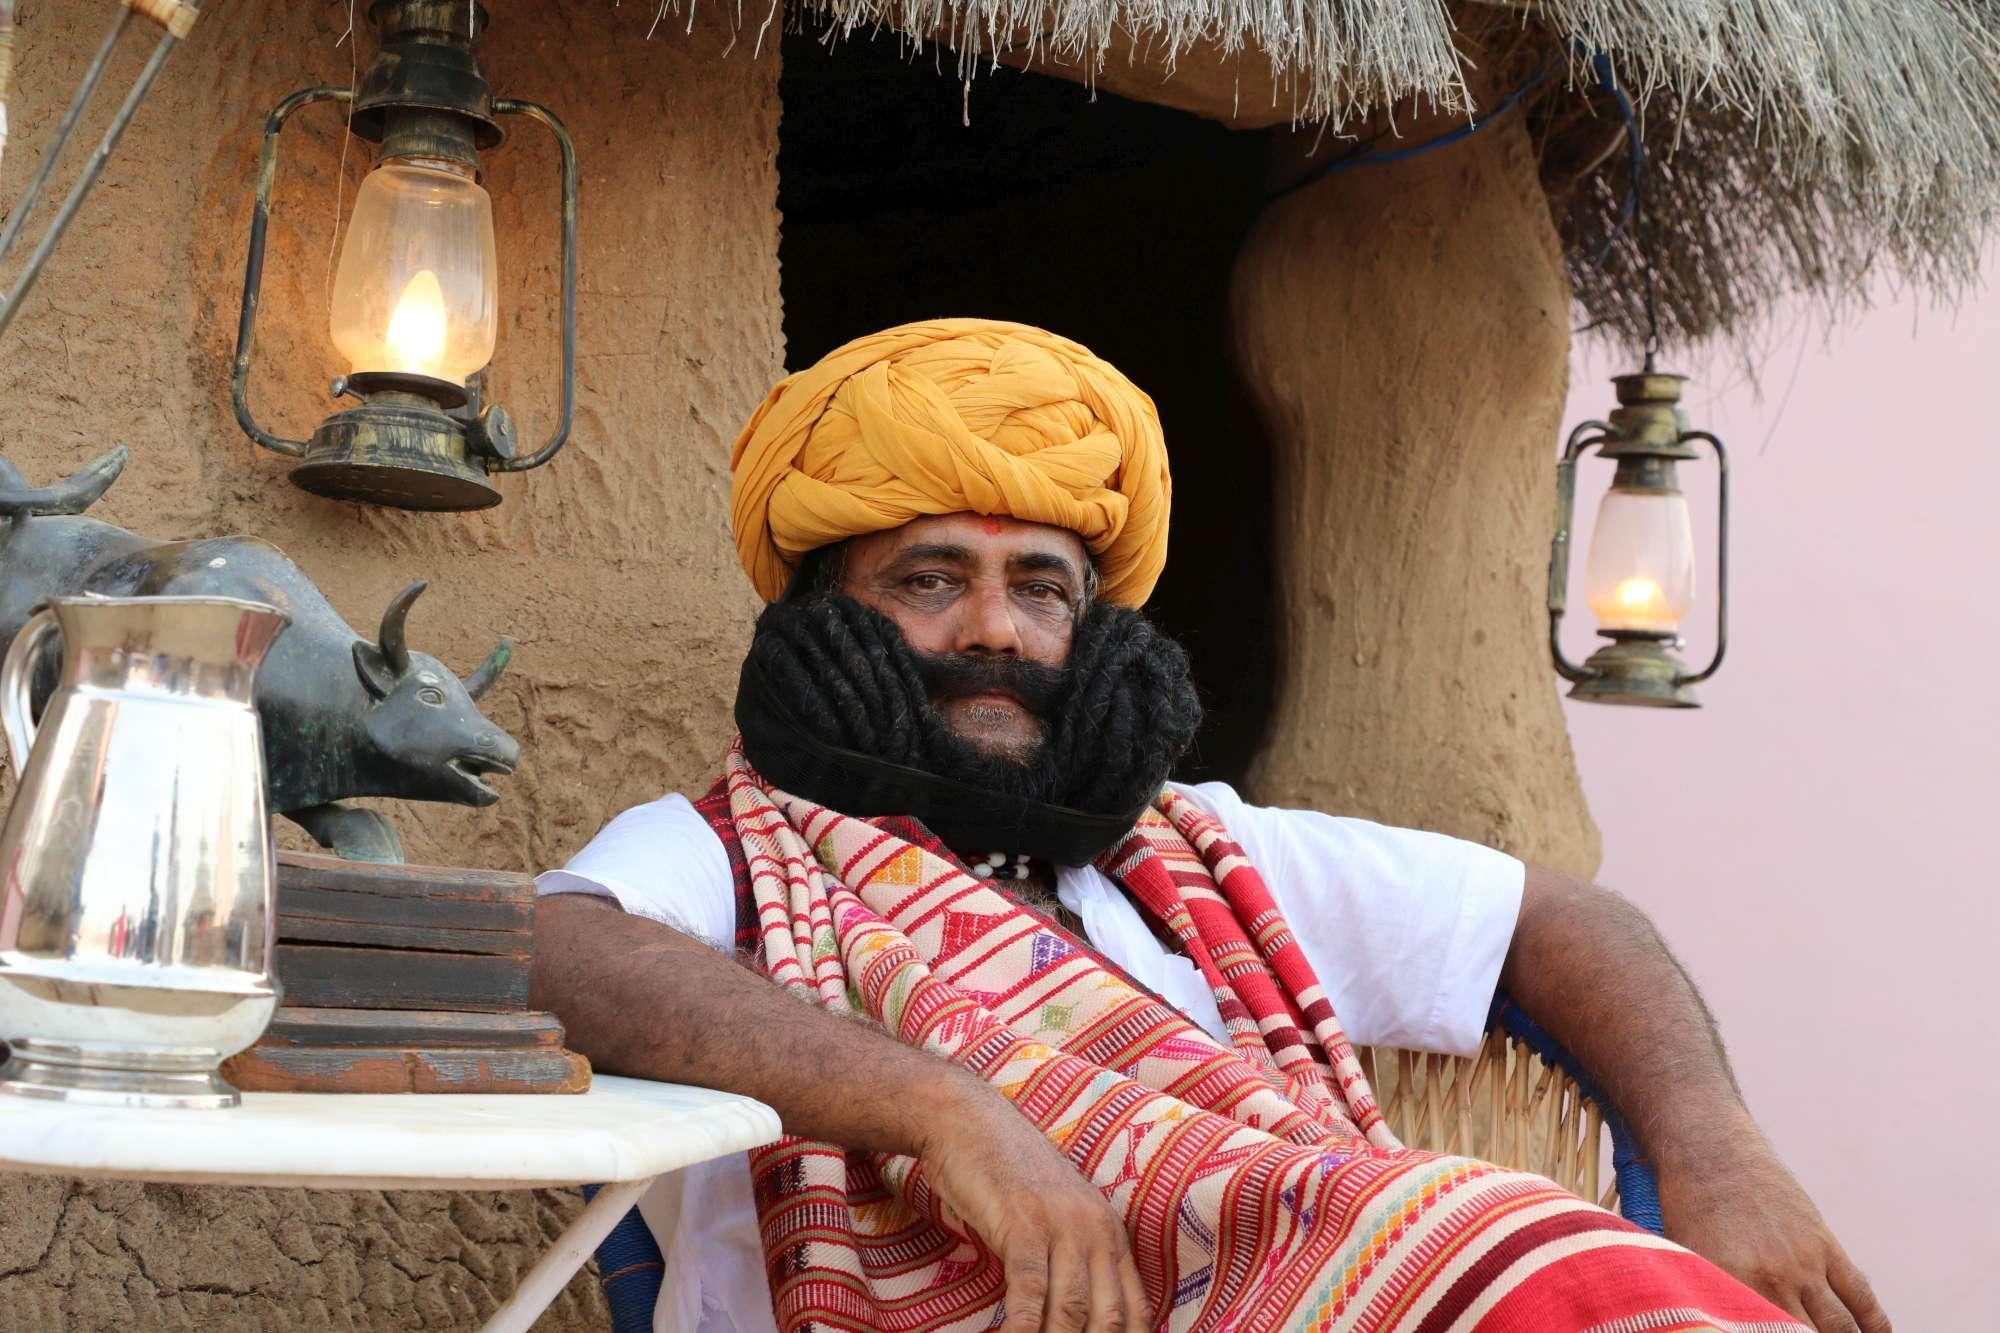 Con L'uomo Del Più Baffi I Mondo Tgcom24 Foto Ecco Lunghi India x74naa